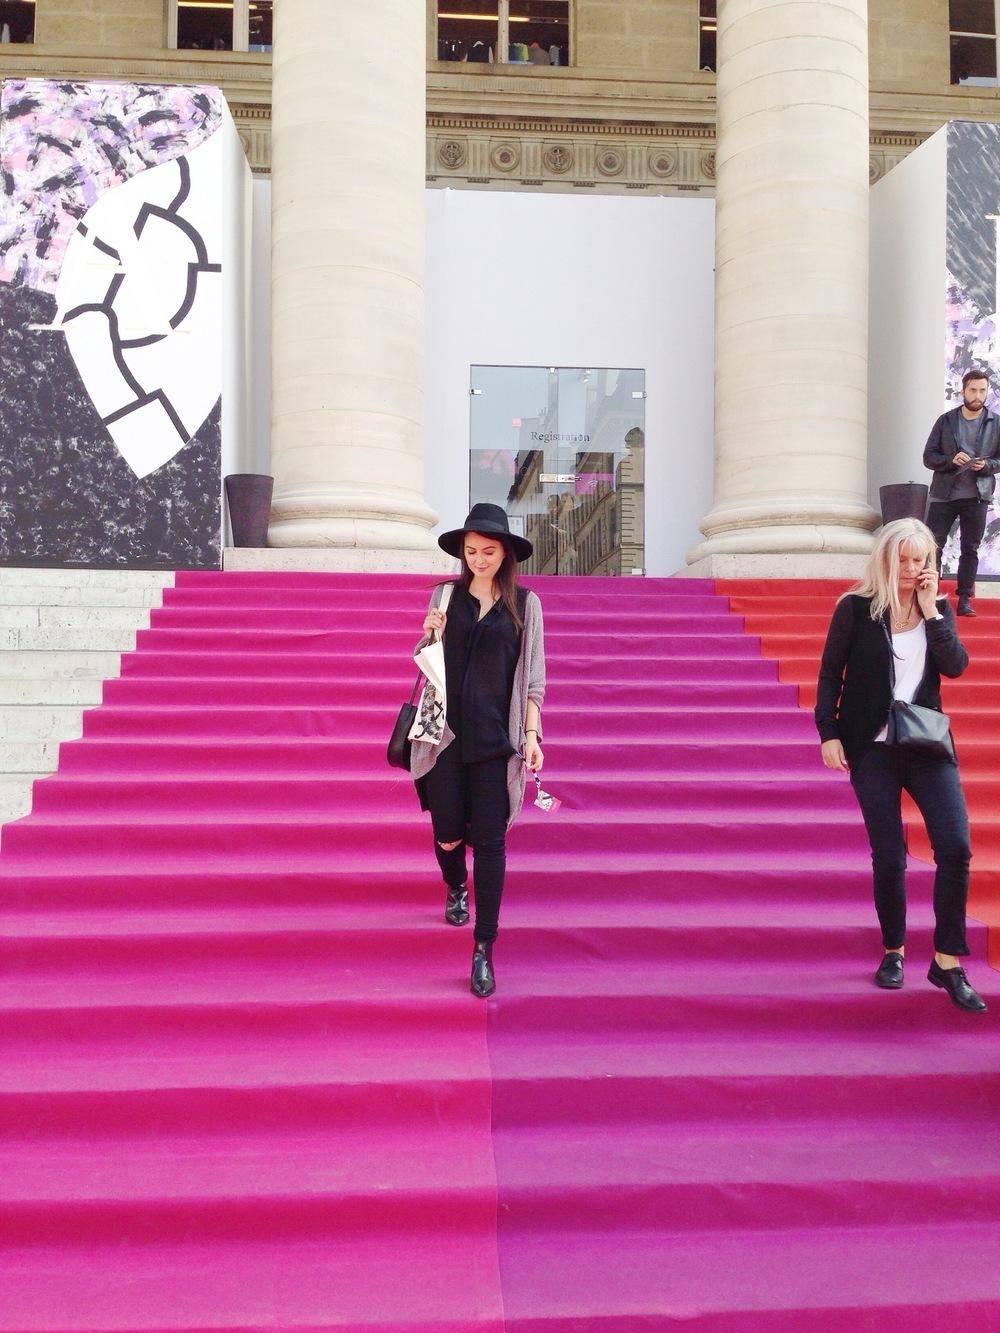 #OOTD:Hat & tunic: H&M / Jeans & booties: Bestseller / Oversized vest: Aritzia  / Handbag: The Stowe